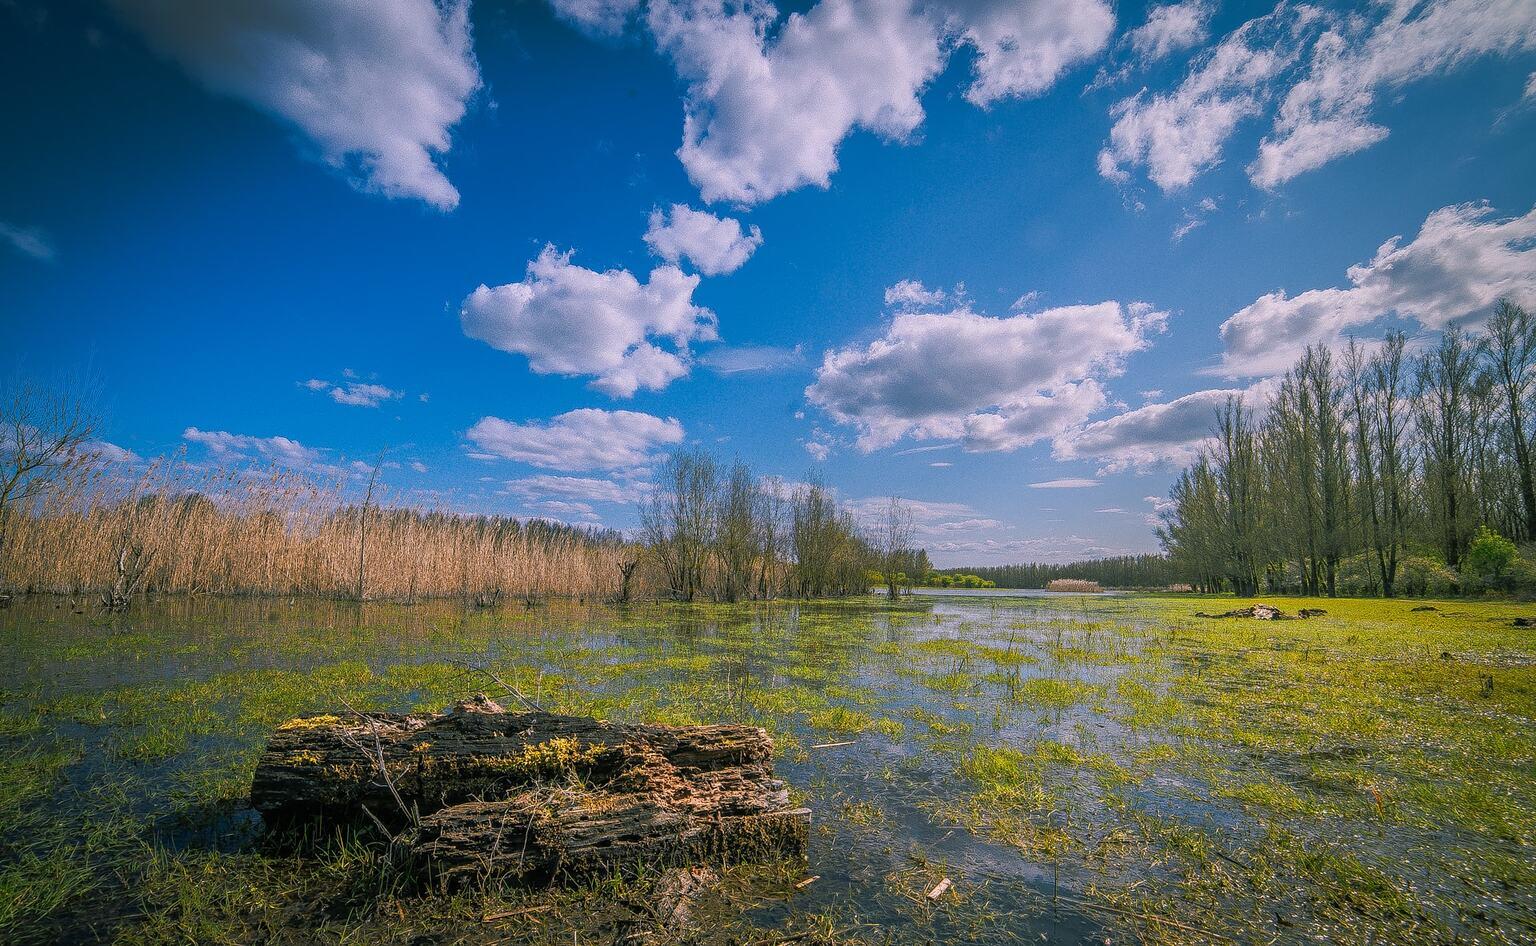 De Stille Kern - De Stille Kern is een prachtig natuurgebied in het Holsterwold bij Zeewolde. Op dit moment is het er erg nat en staan de bomen in het water    - foto door reinder.tasma op 17-04-2021 - locatie: Zeewolde, Nederland - deze foto bevat: landschap, stillekern, stillekern, landschap, water,moeras, wolk, lucht, fabriek, ecoregio, natuurlijk landschap, boom, zonlicht, mensen in de natuur, land veel, cumulus